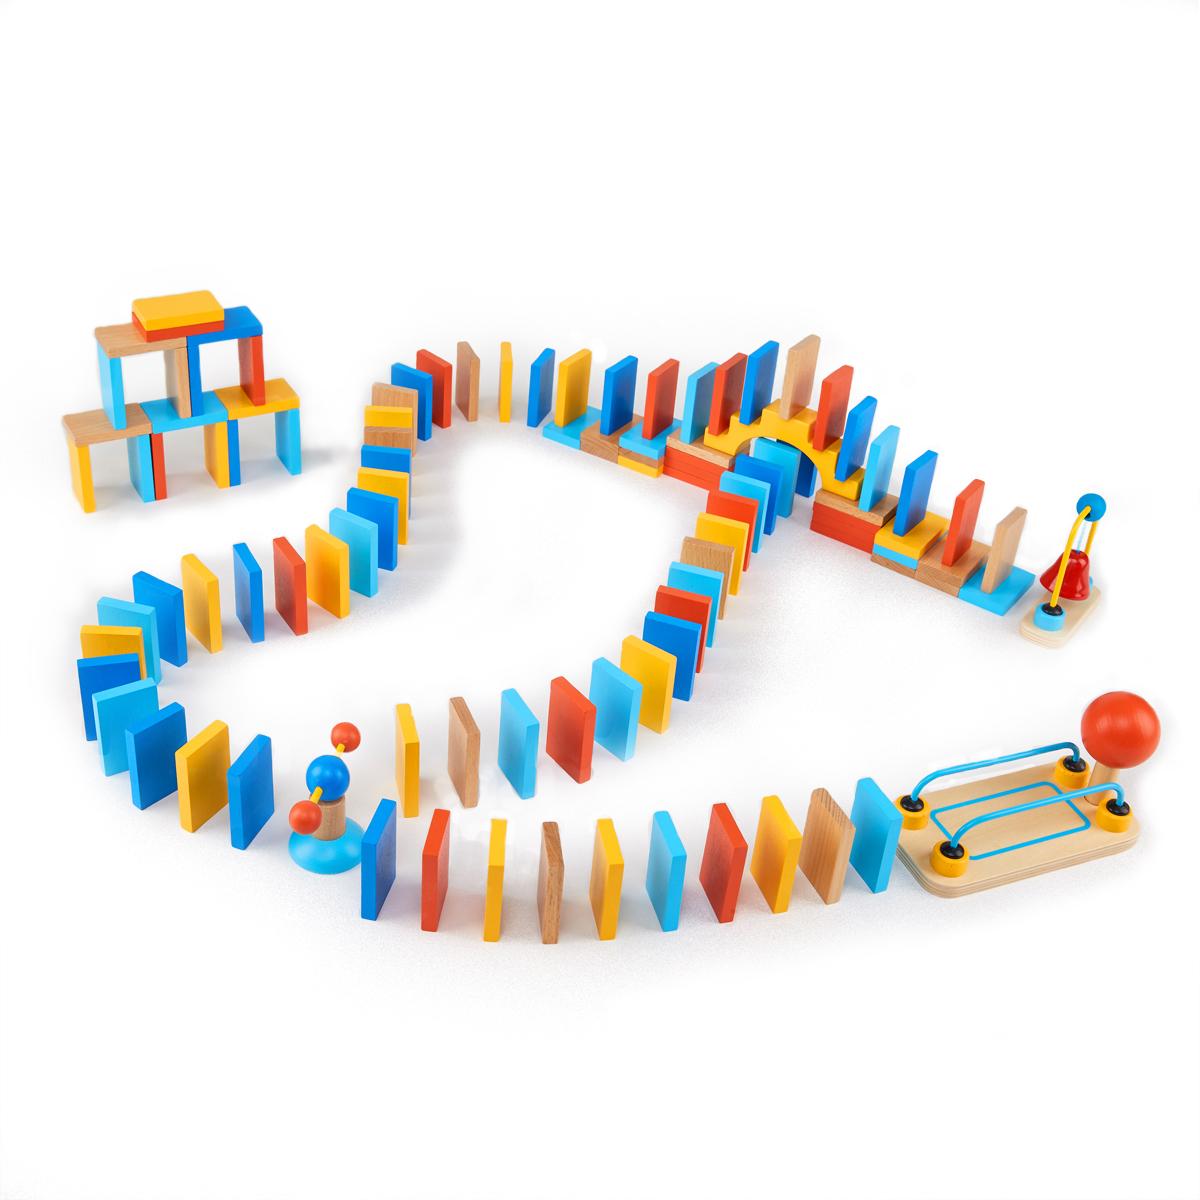 【イベント開催のお知らせ】3歳におすすめ!話題の「ドミノ」新商品が登場